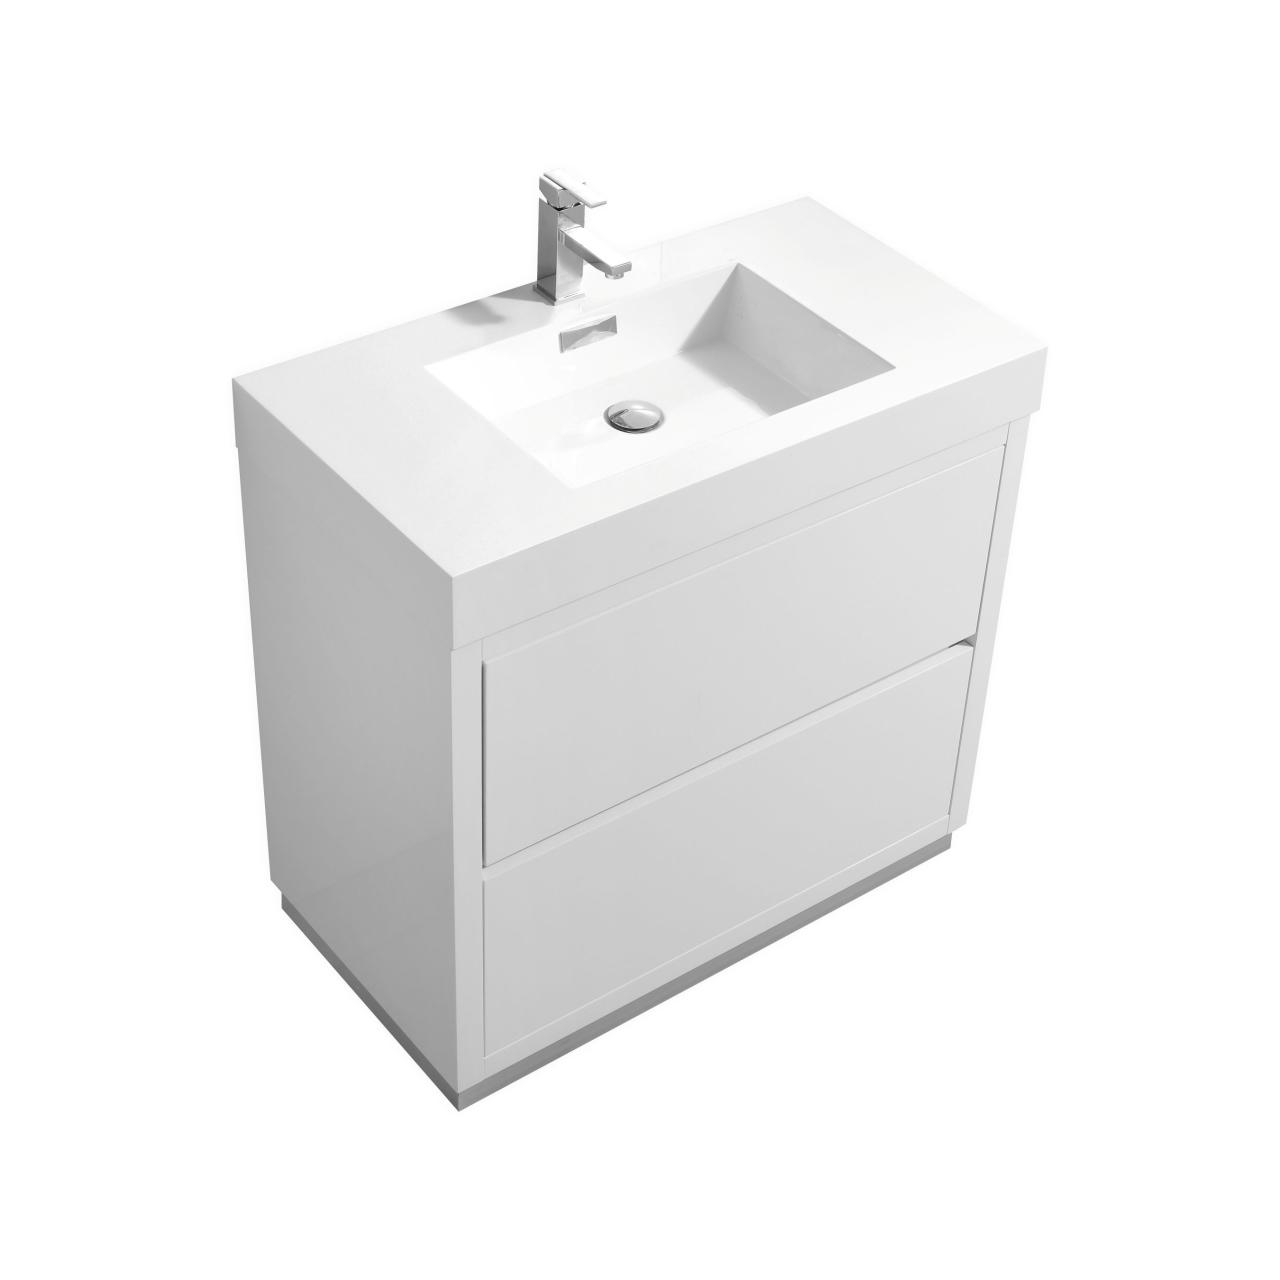 Bliss 36 High White Floor Mount Modern Bathroom Vanity